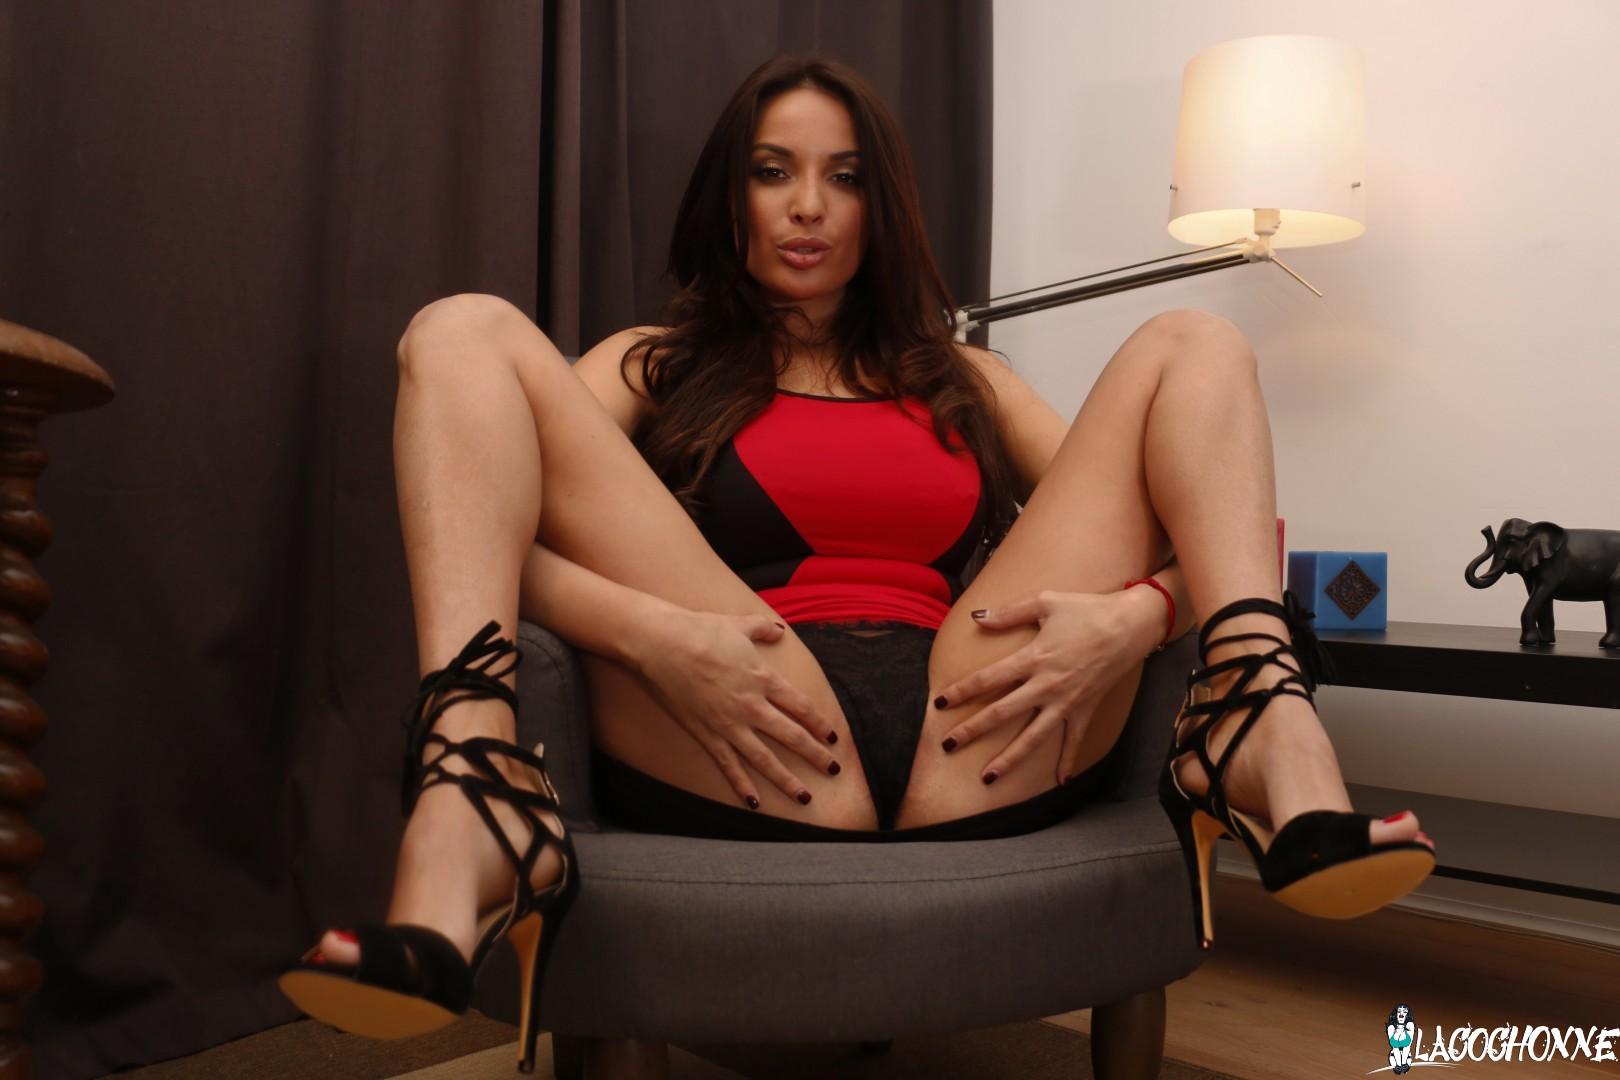 Abre sus piernas en la silla para que se la metan 7